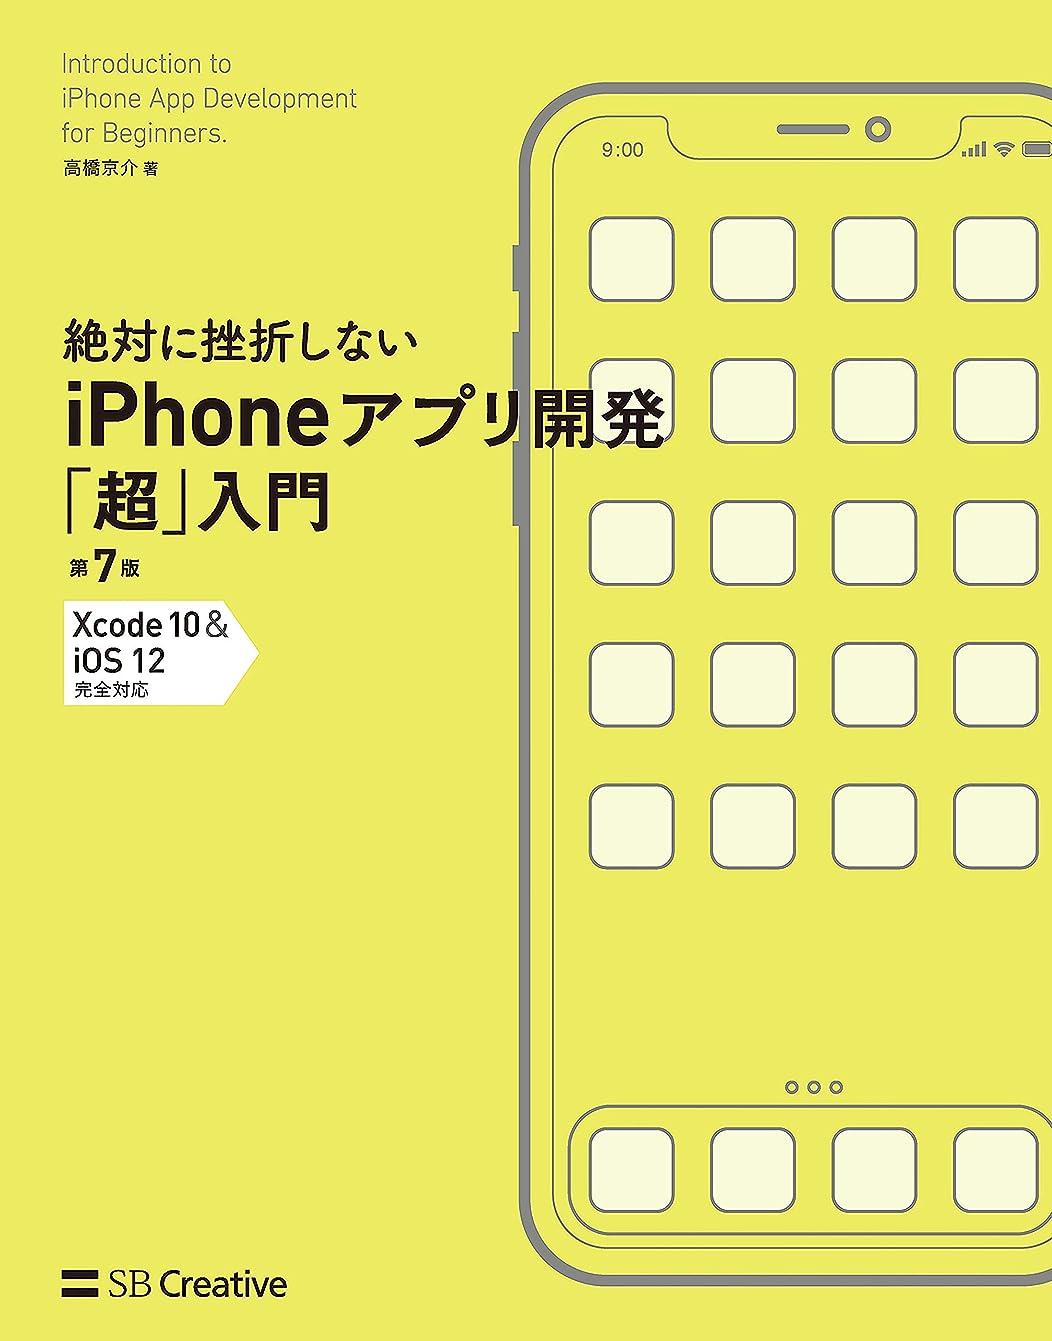 トランクライブラリ折主に絶対に挫折しない iPhoneアプリ開発「超」入門 第7版 【Xcode 10 & iOS 12】 完全対応